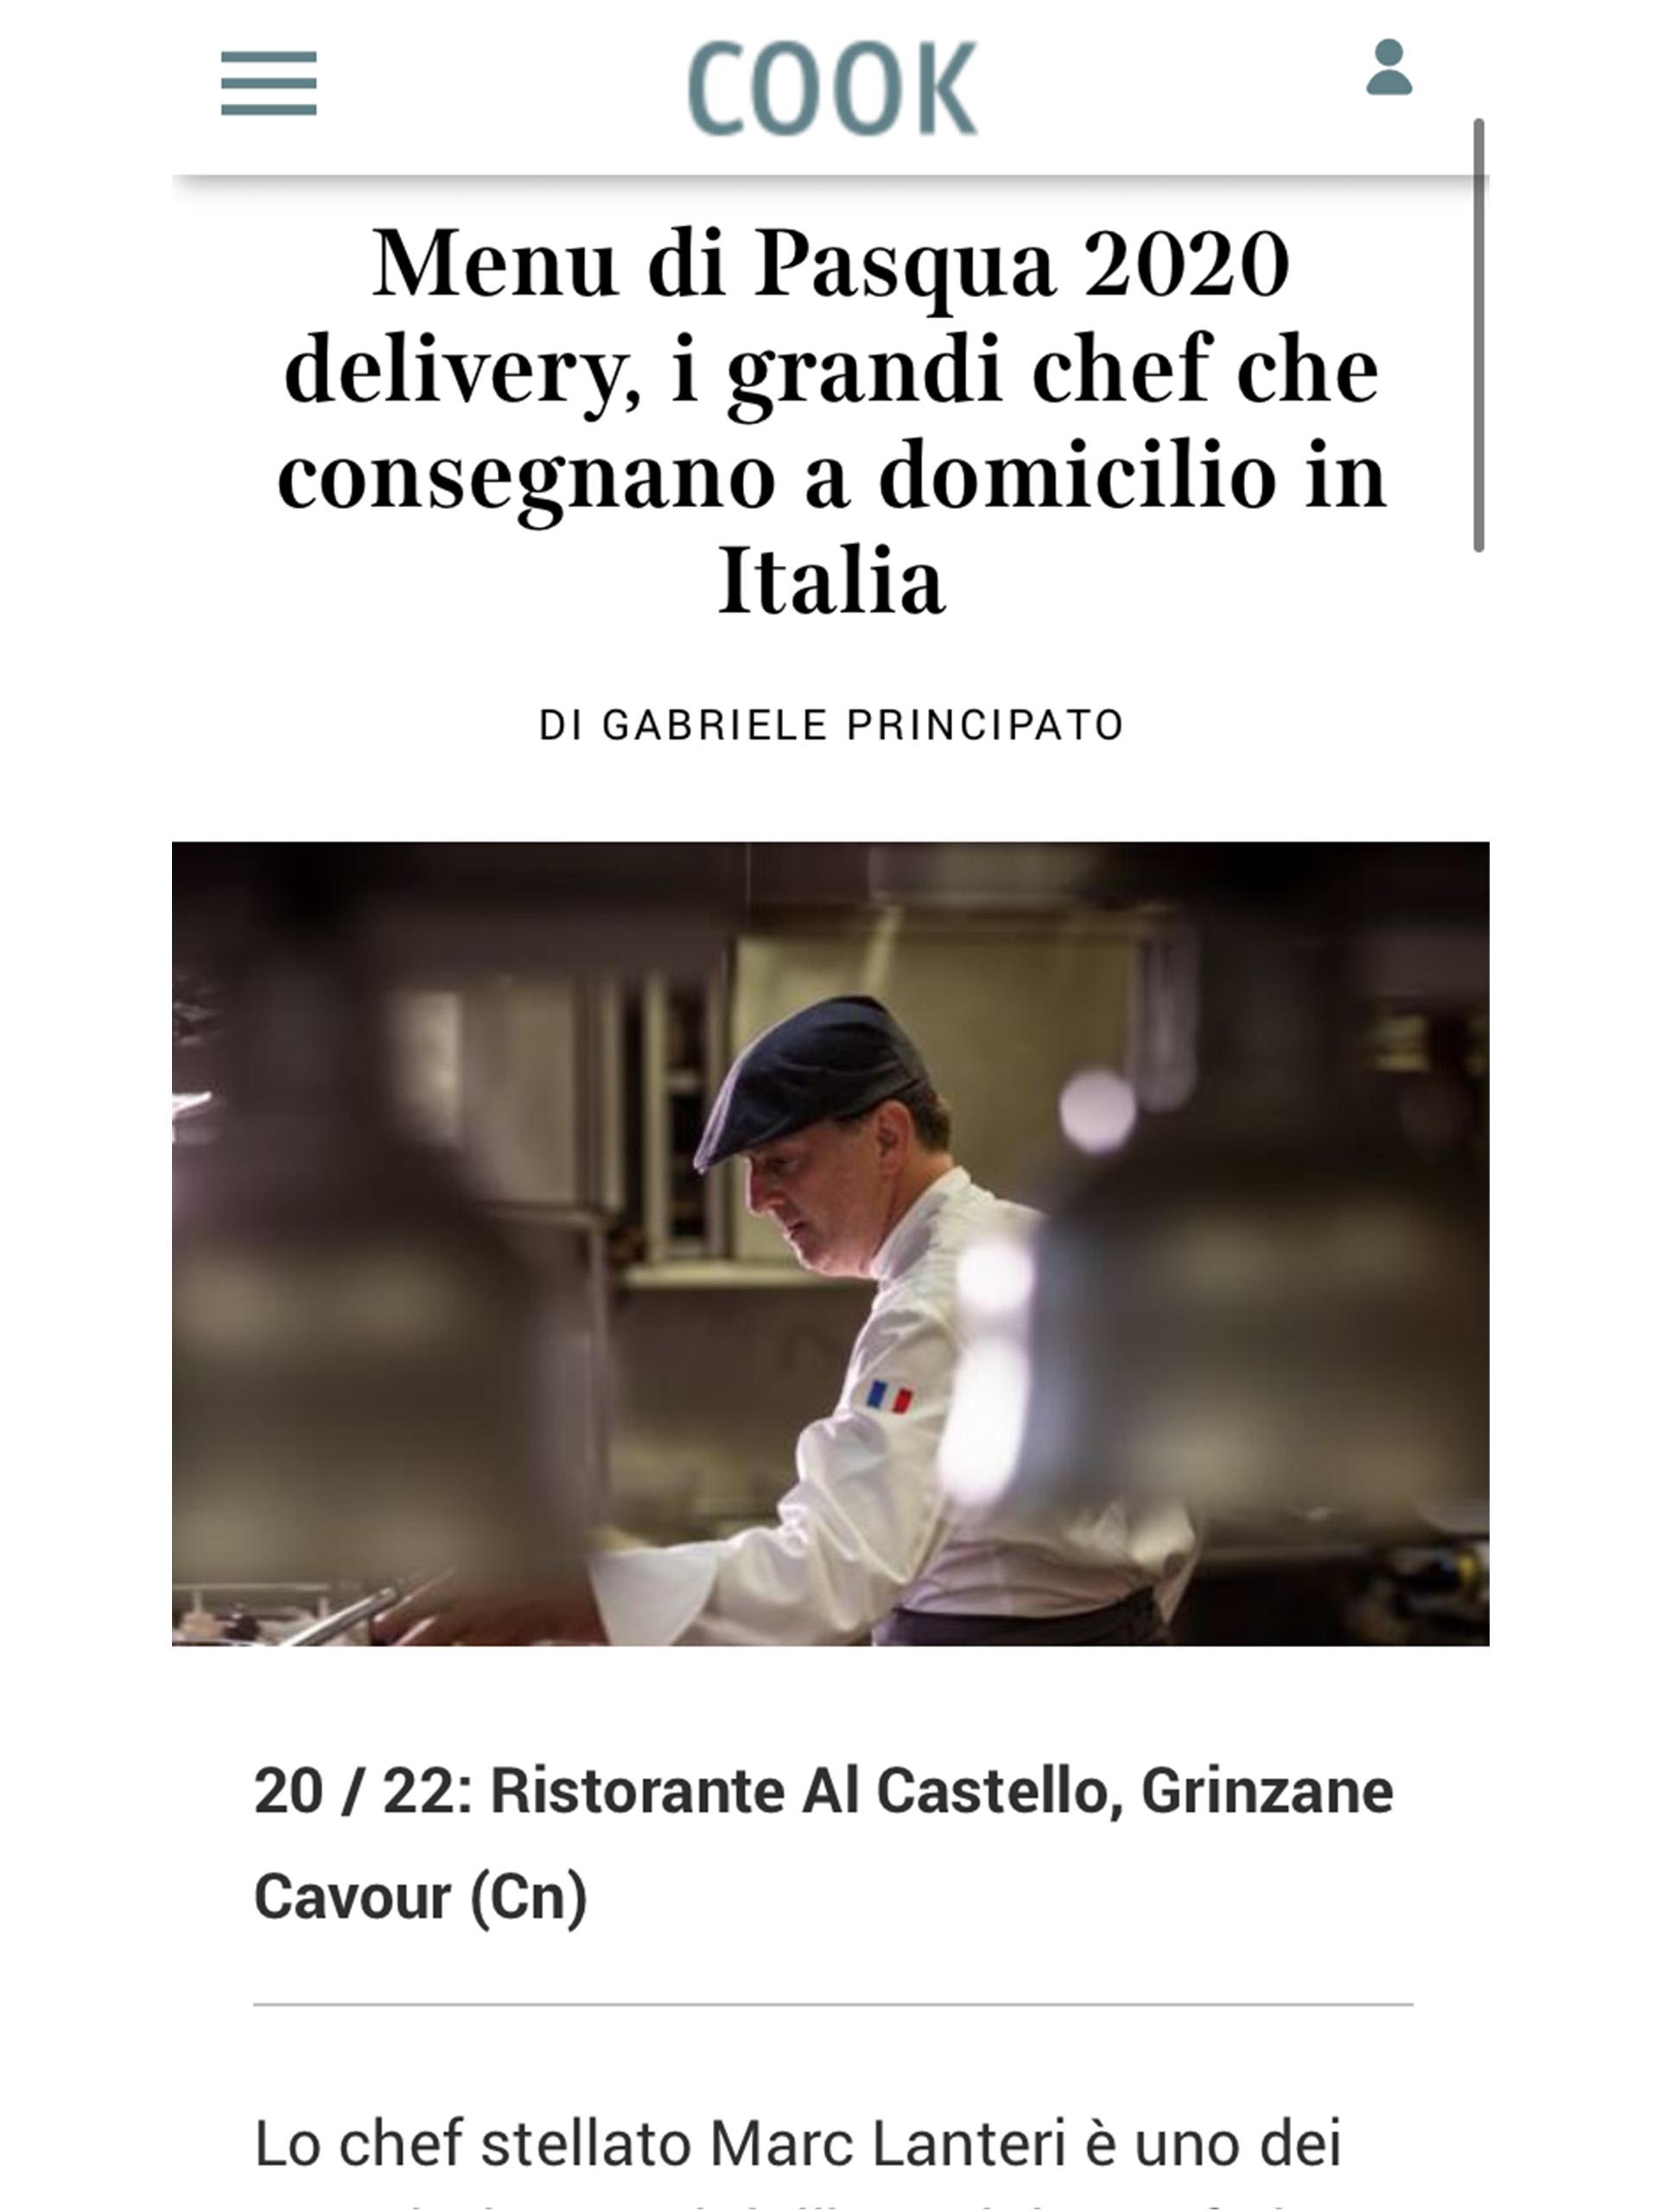 Marc Lanteri – Corriere della Sera – Aprile 2020